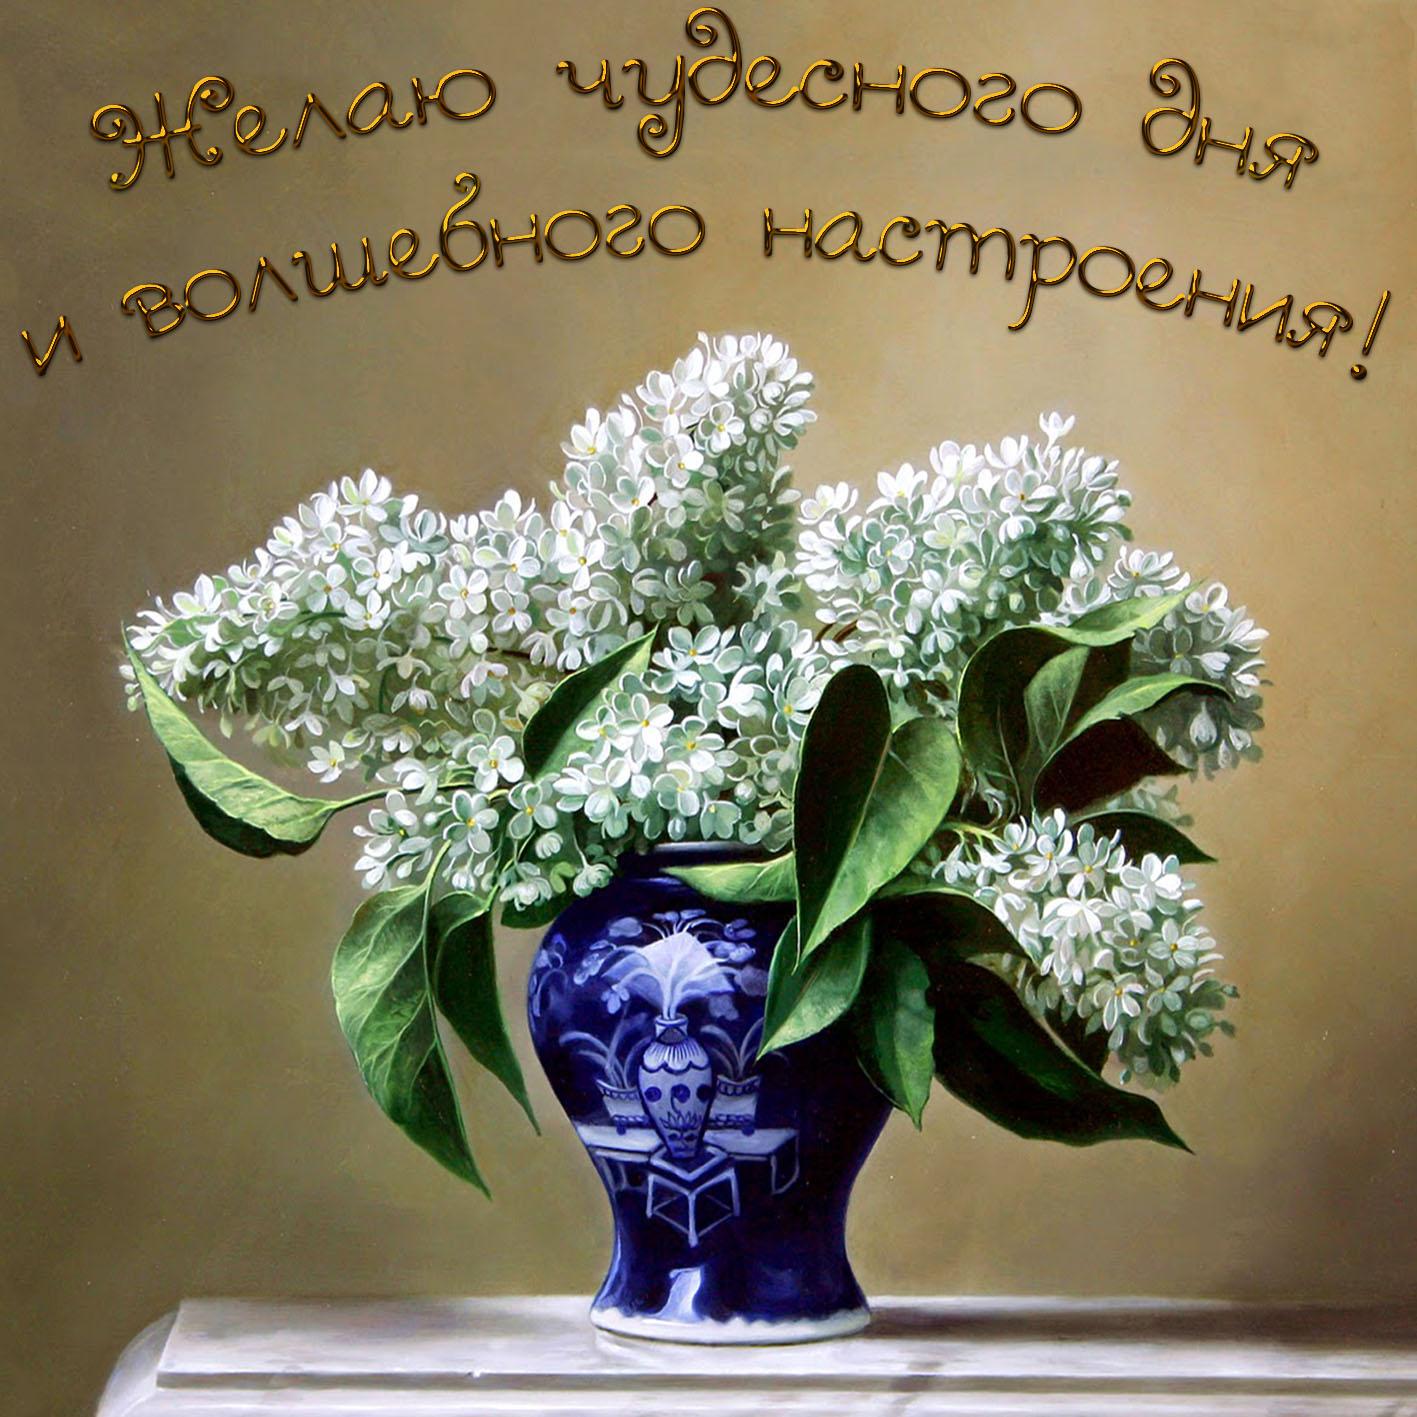 Картинка чудесного дня с букетом цветов в синей вазе